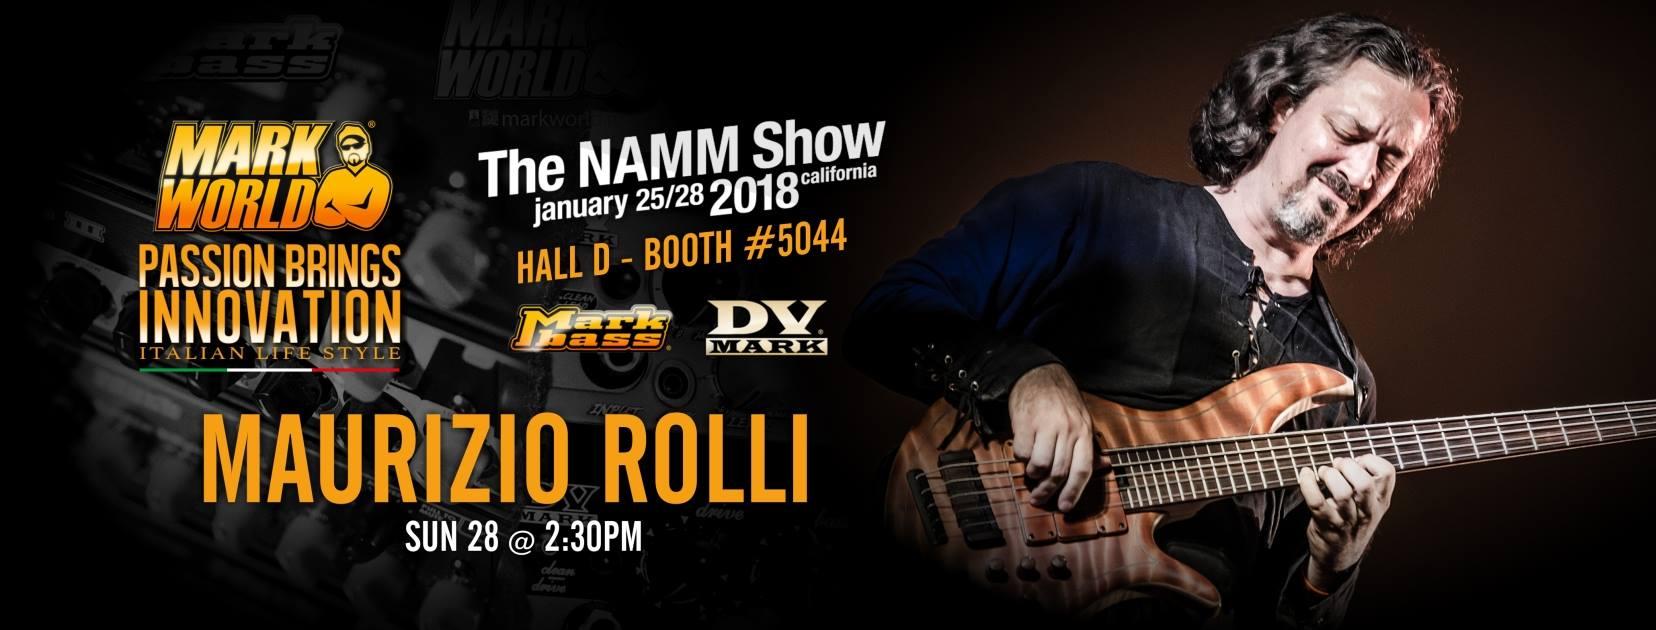 maurizio Rolli show Namm 2018